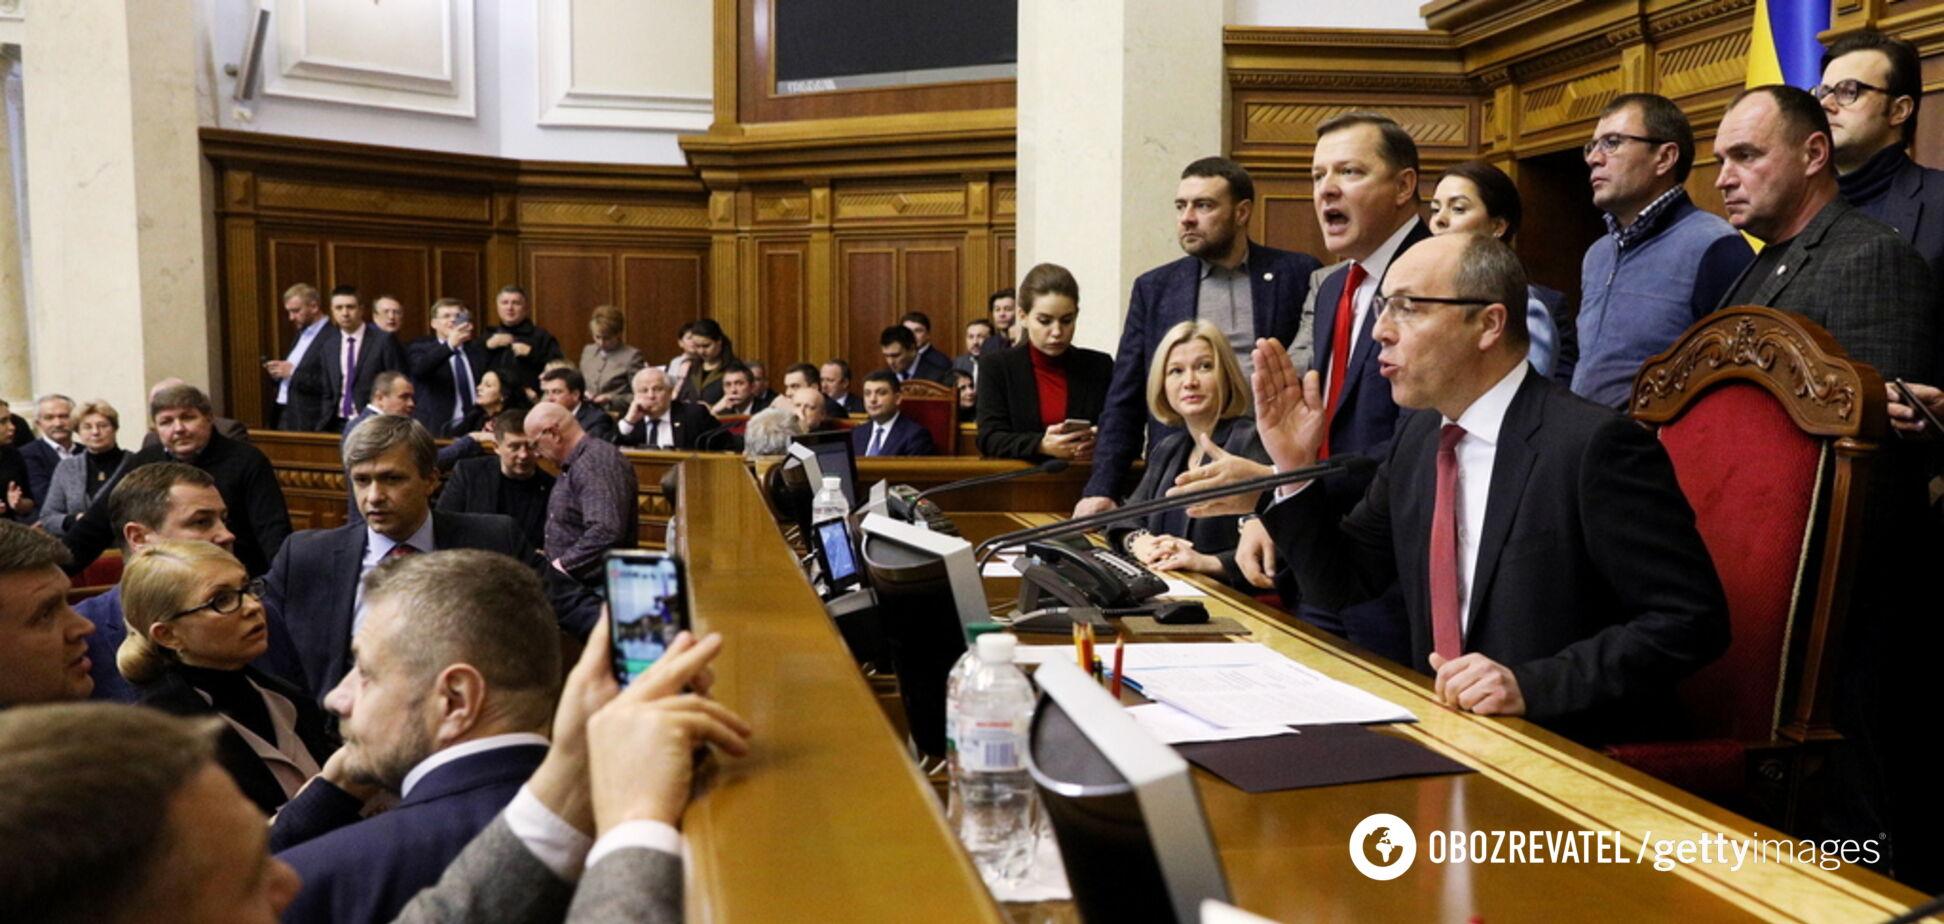 Выборы в Украине: зачем введен запрет для россиян